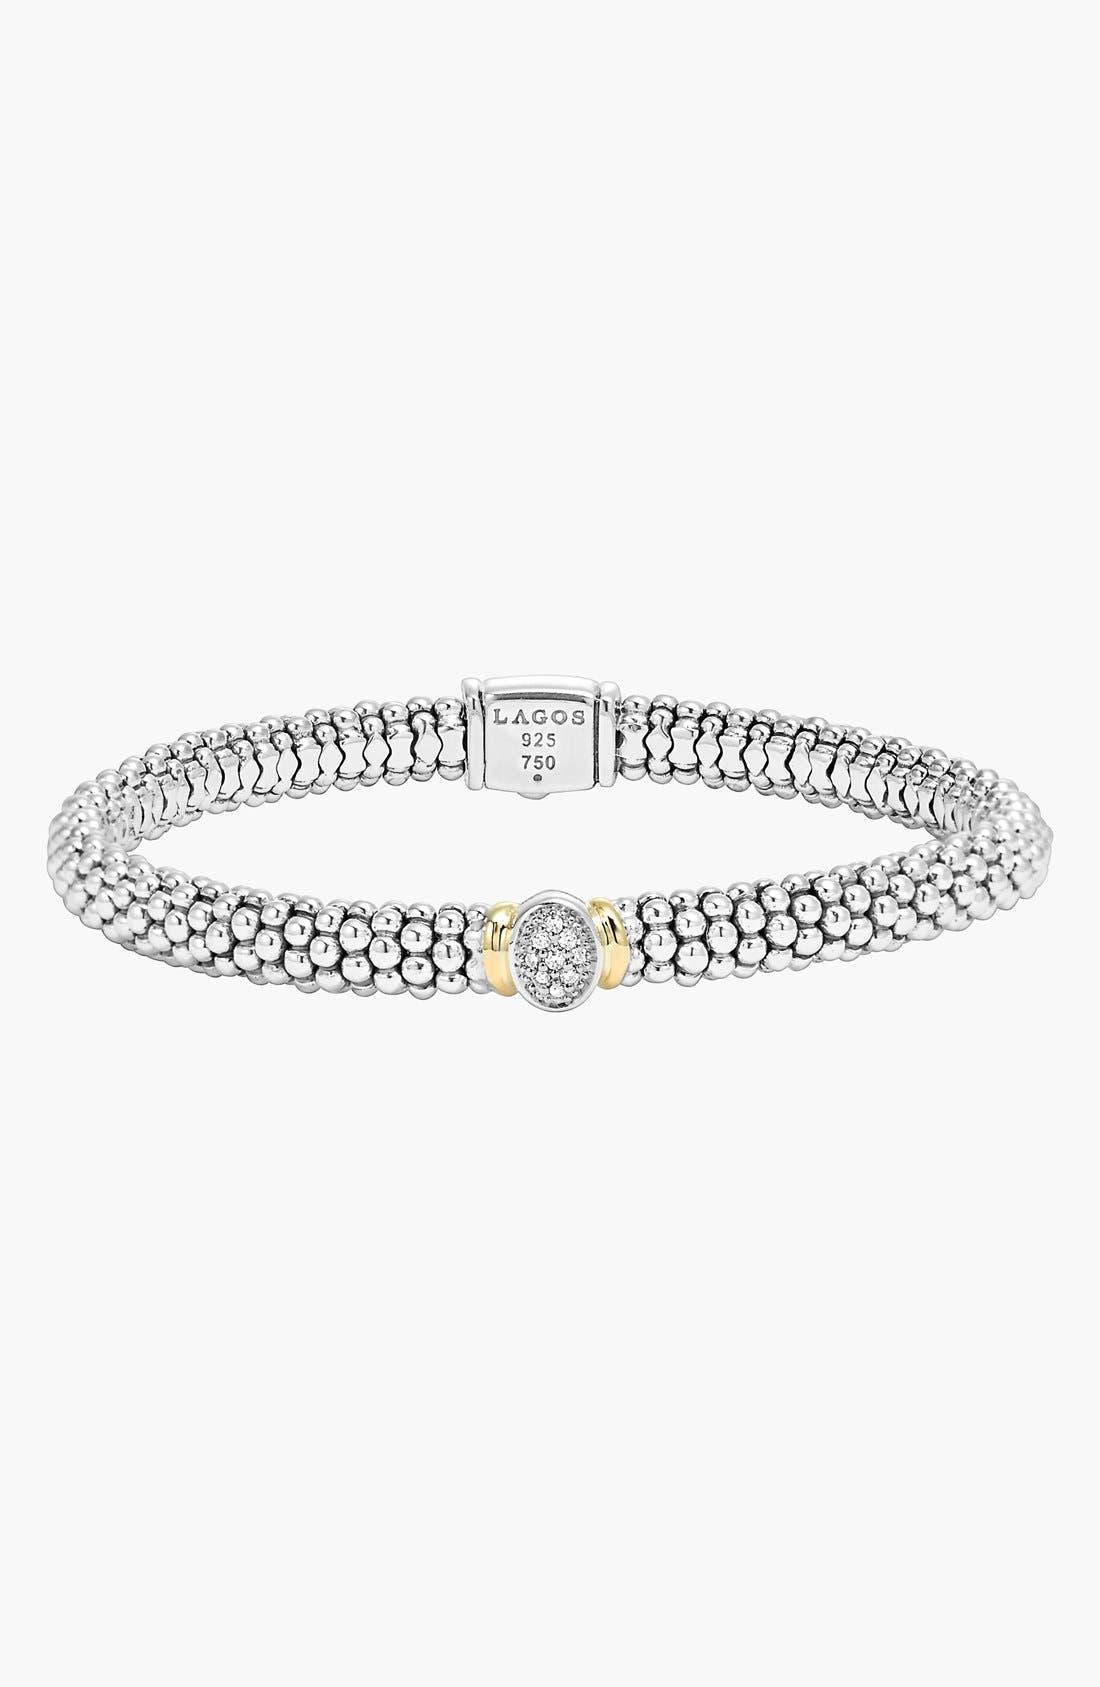 Main Image - LAGOS 'Twilight' Caviar™ Diamond Rope Bracelet